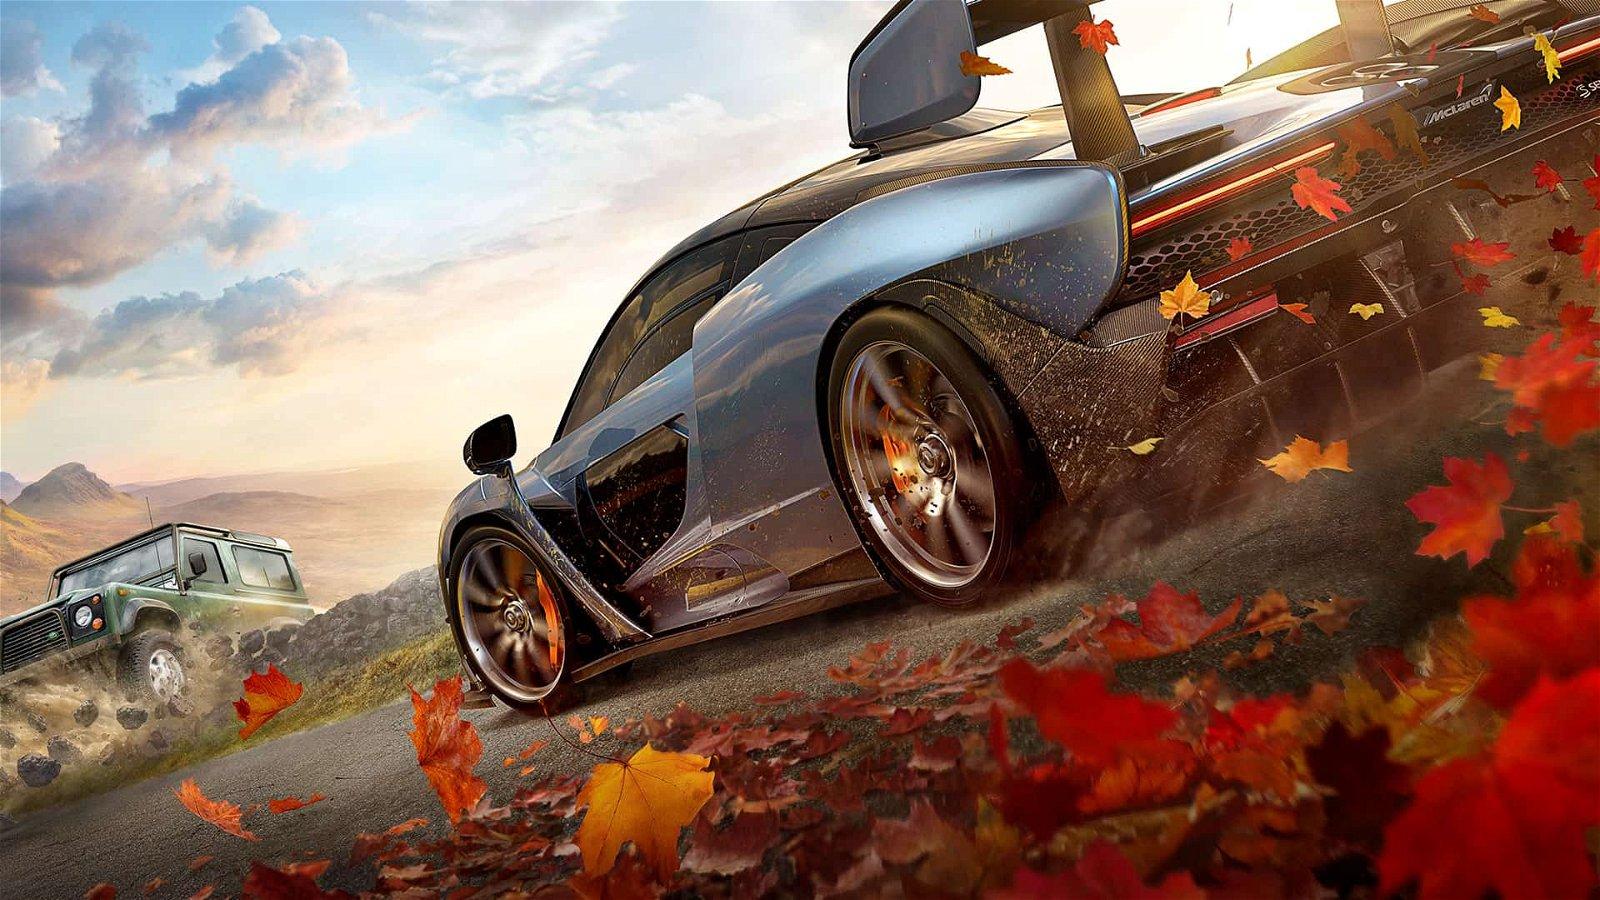 Forza Horizon 4 (Xbox One) Review 1